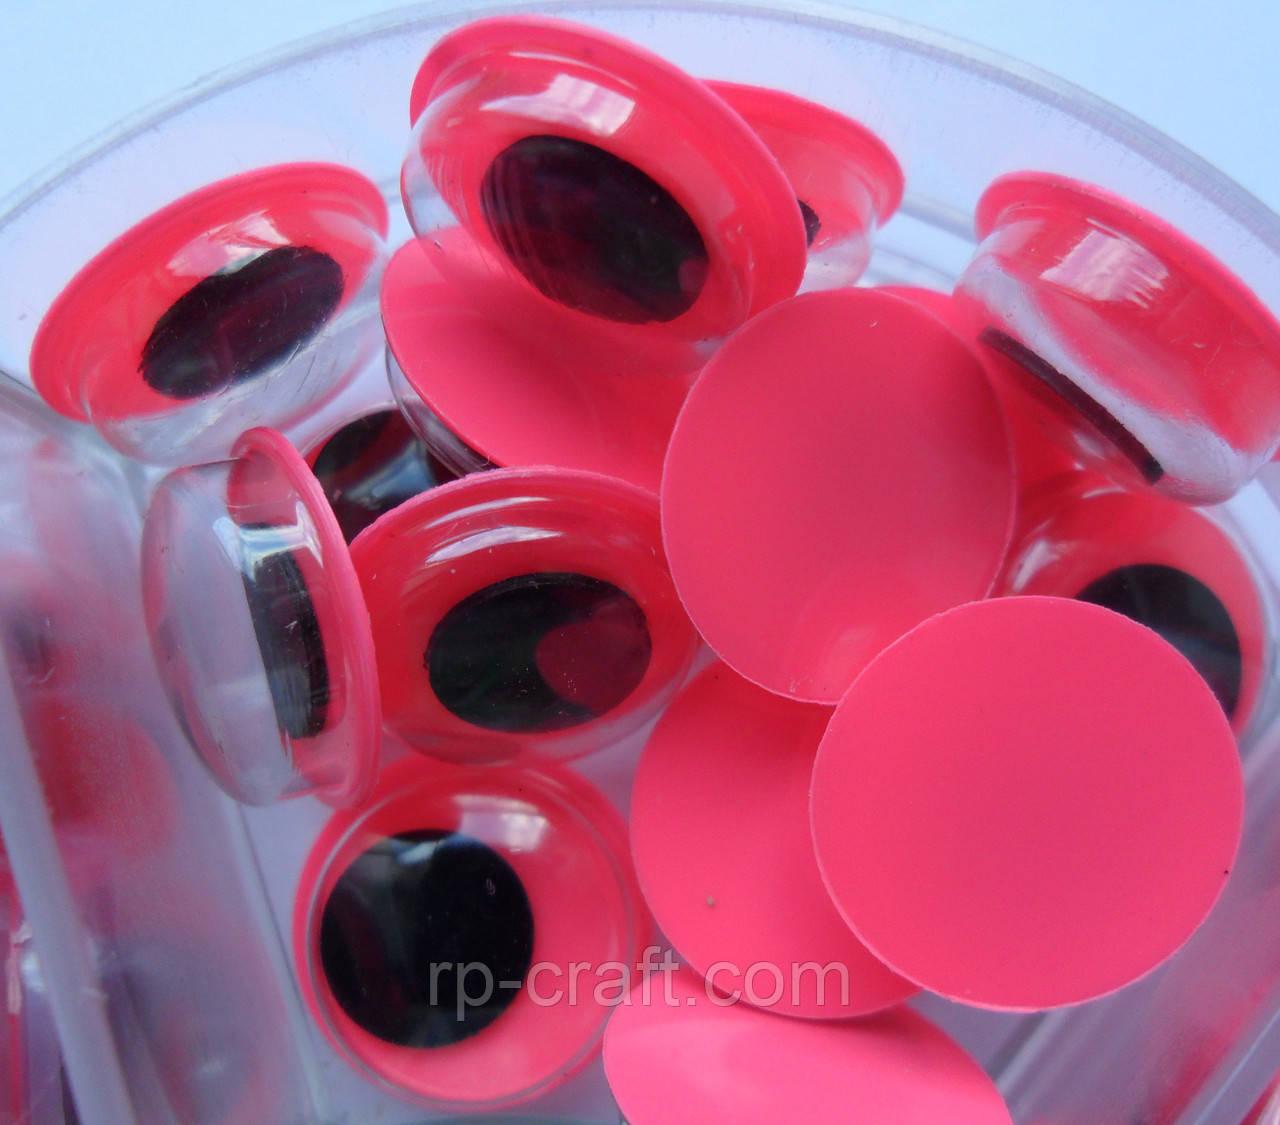 Очі рожеві для іграшок, 7 і 10 мм